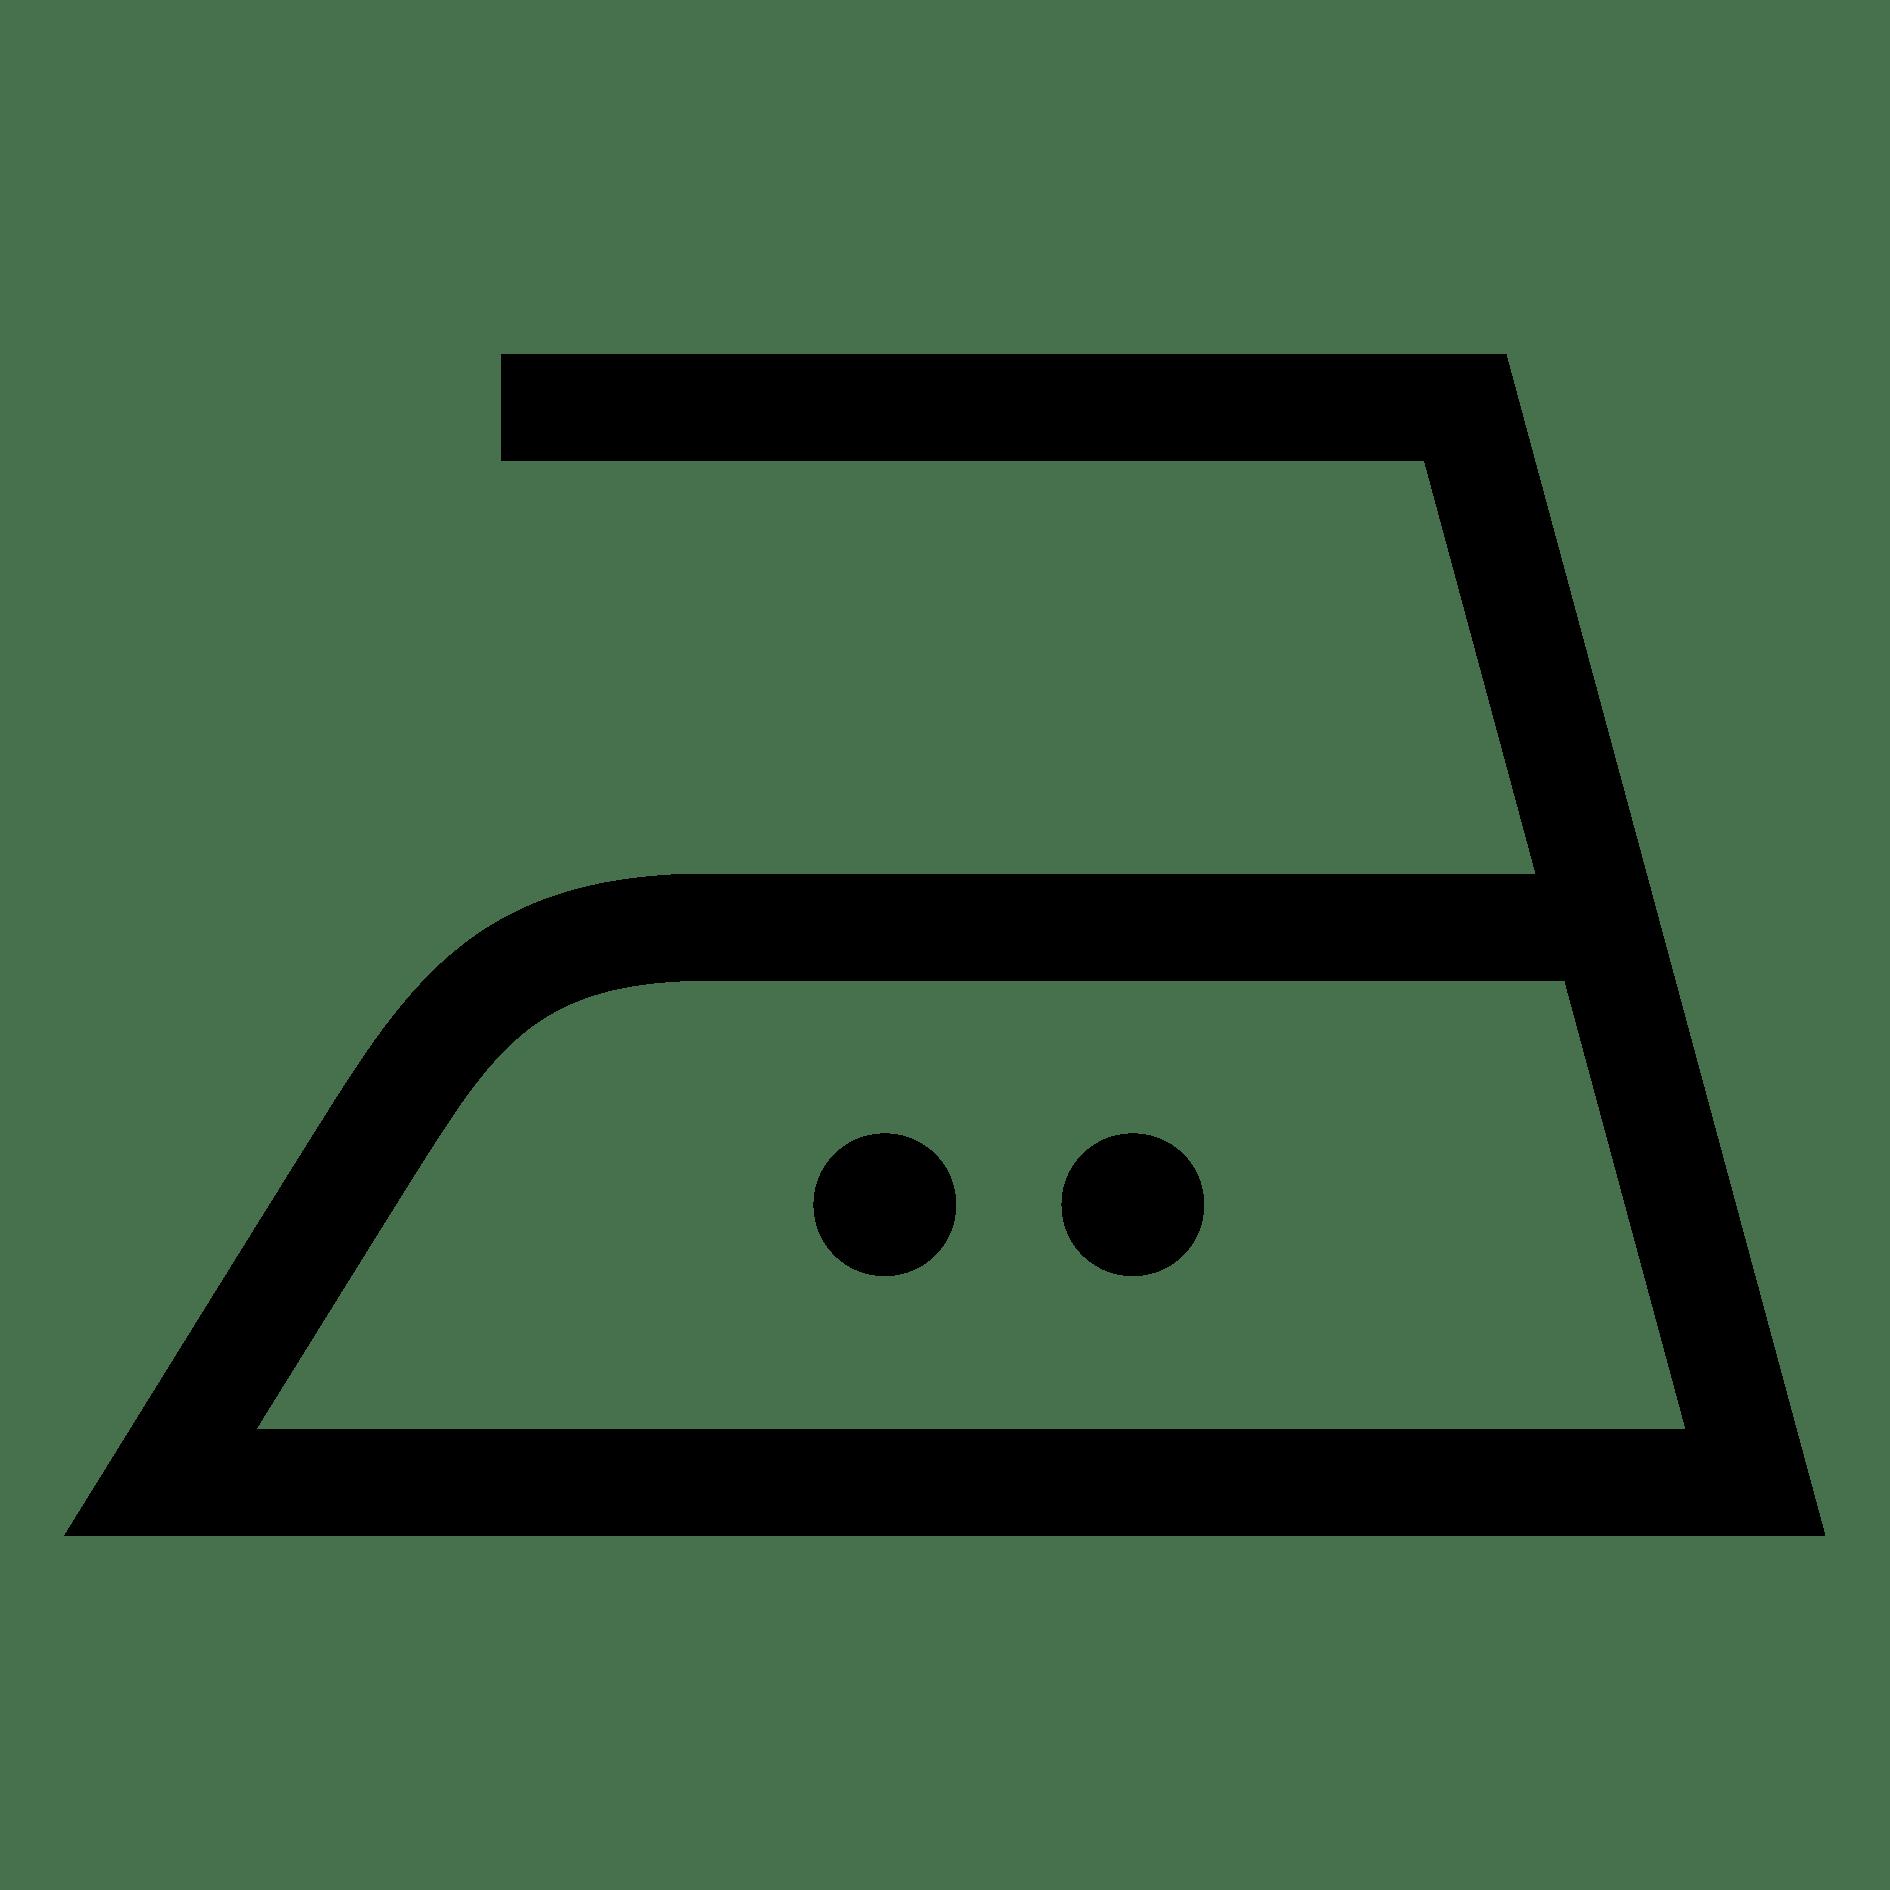 Bügeln mit einer Höchsttemperatur der Bügeleisensohle von 150 °C